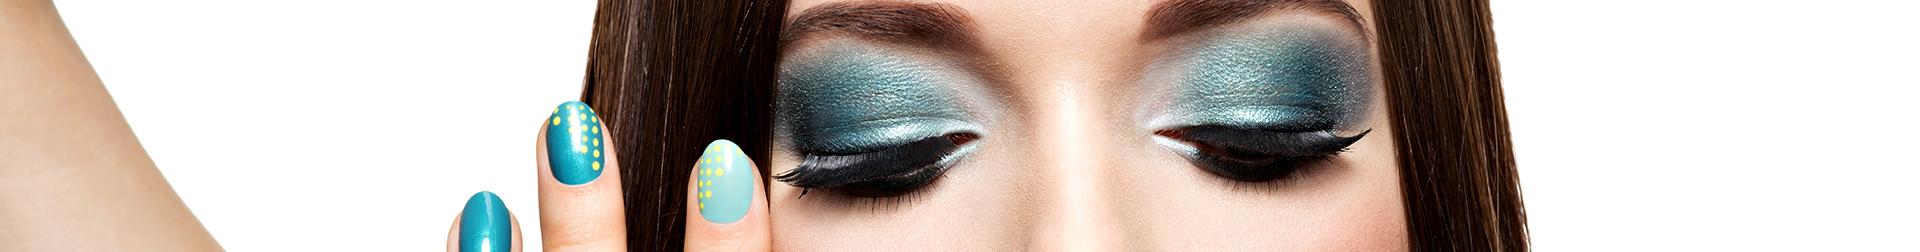 Makeup Products   False Eyelashes - False Eyelashes Online   AromaCraze